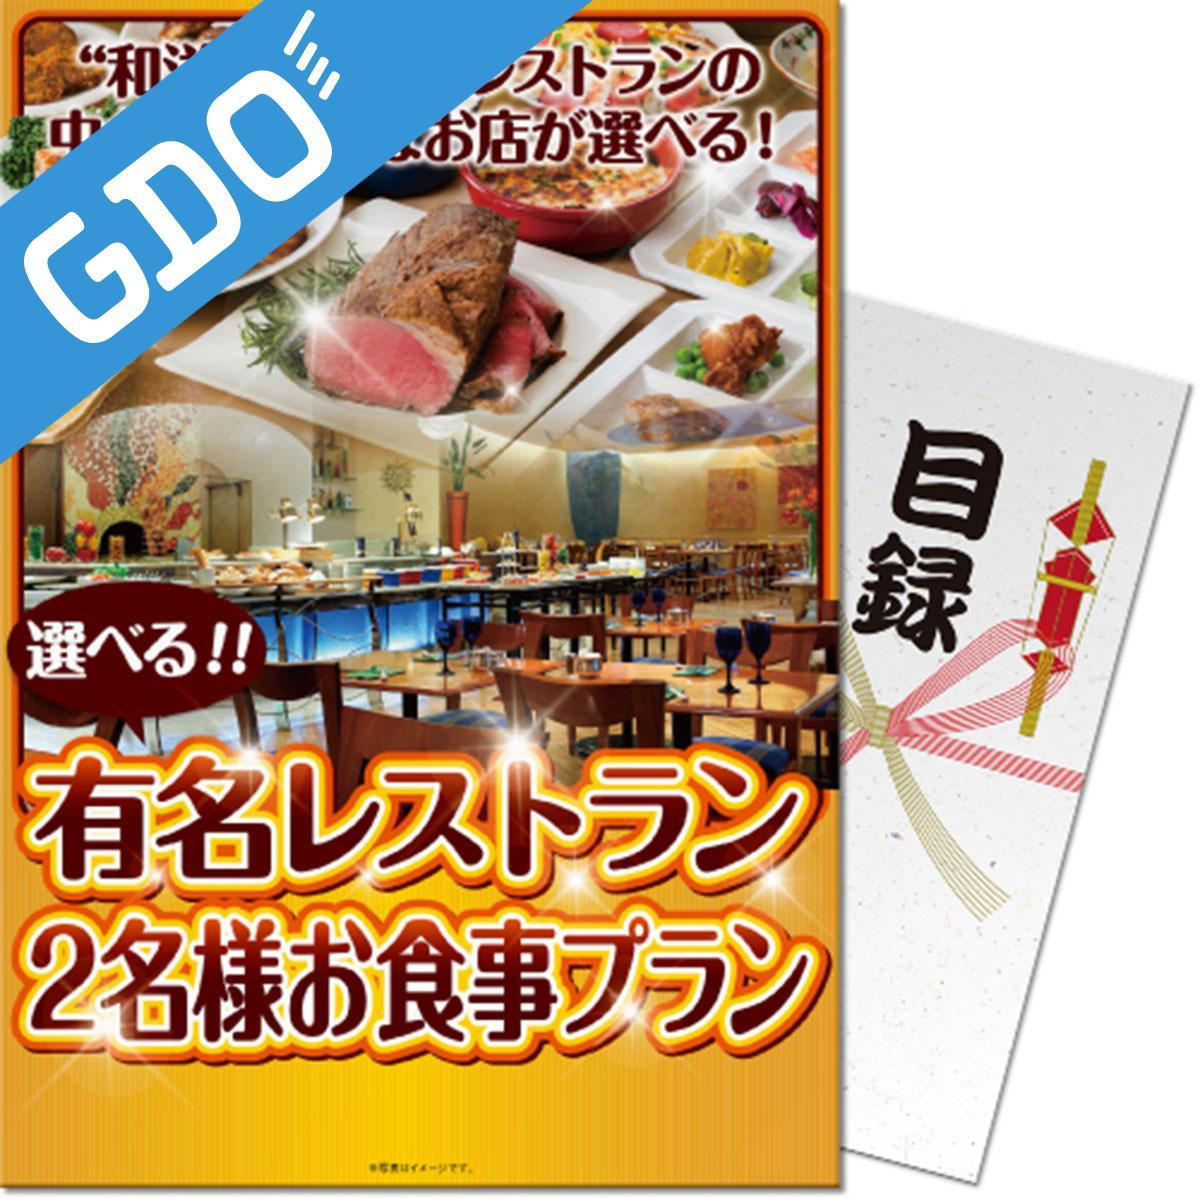 その他メーカー その他 パネもく!選べる全国有名レストラン SELECT20 目録 A4パネル付き din-bi-rb